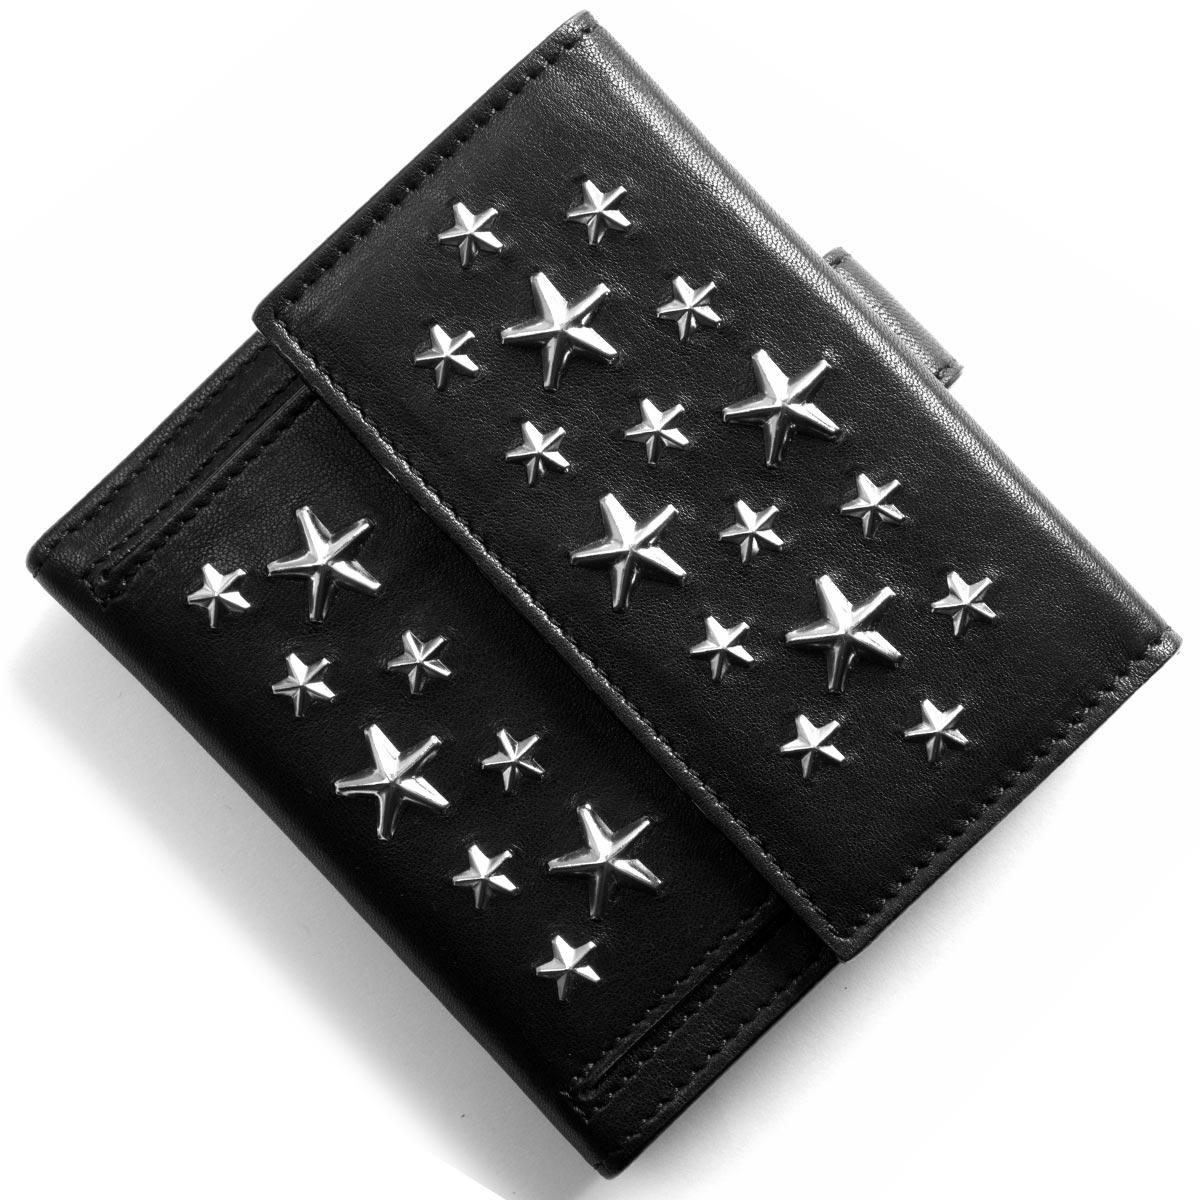 ジミー チュウ (JIMMY CHOO) 二つ折り財布